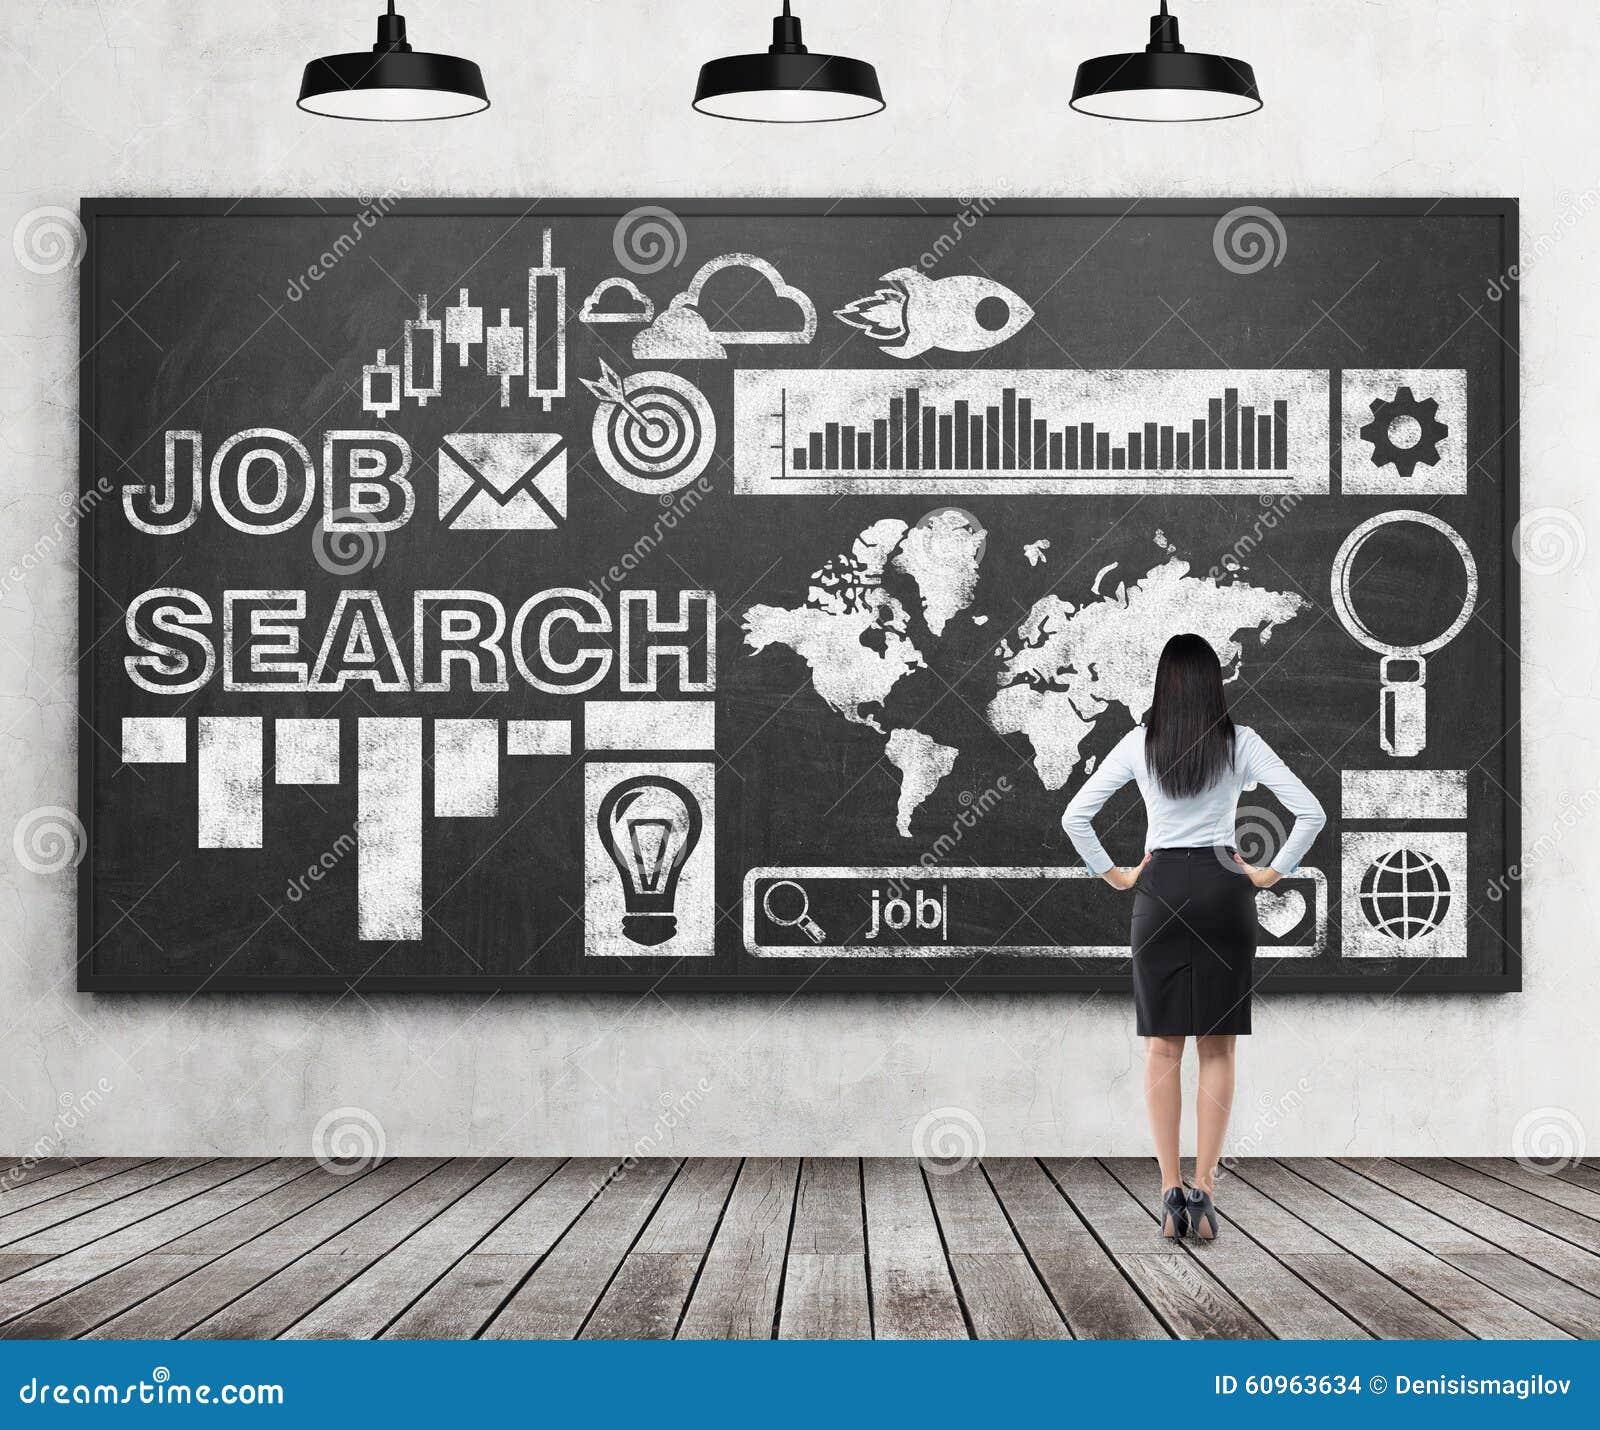 Retrovisione di una signora in vestiti convenzionali che sta esaminando il bordo di gesso nero enorme con le icone tirate circa i